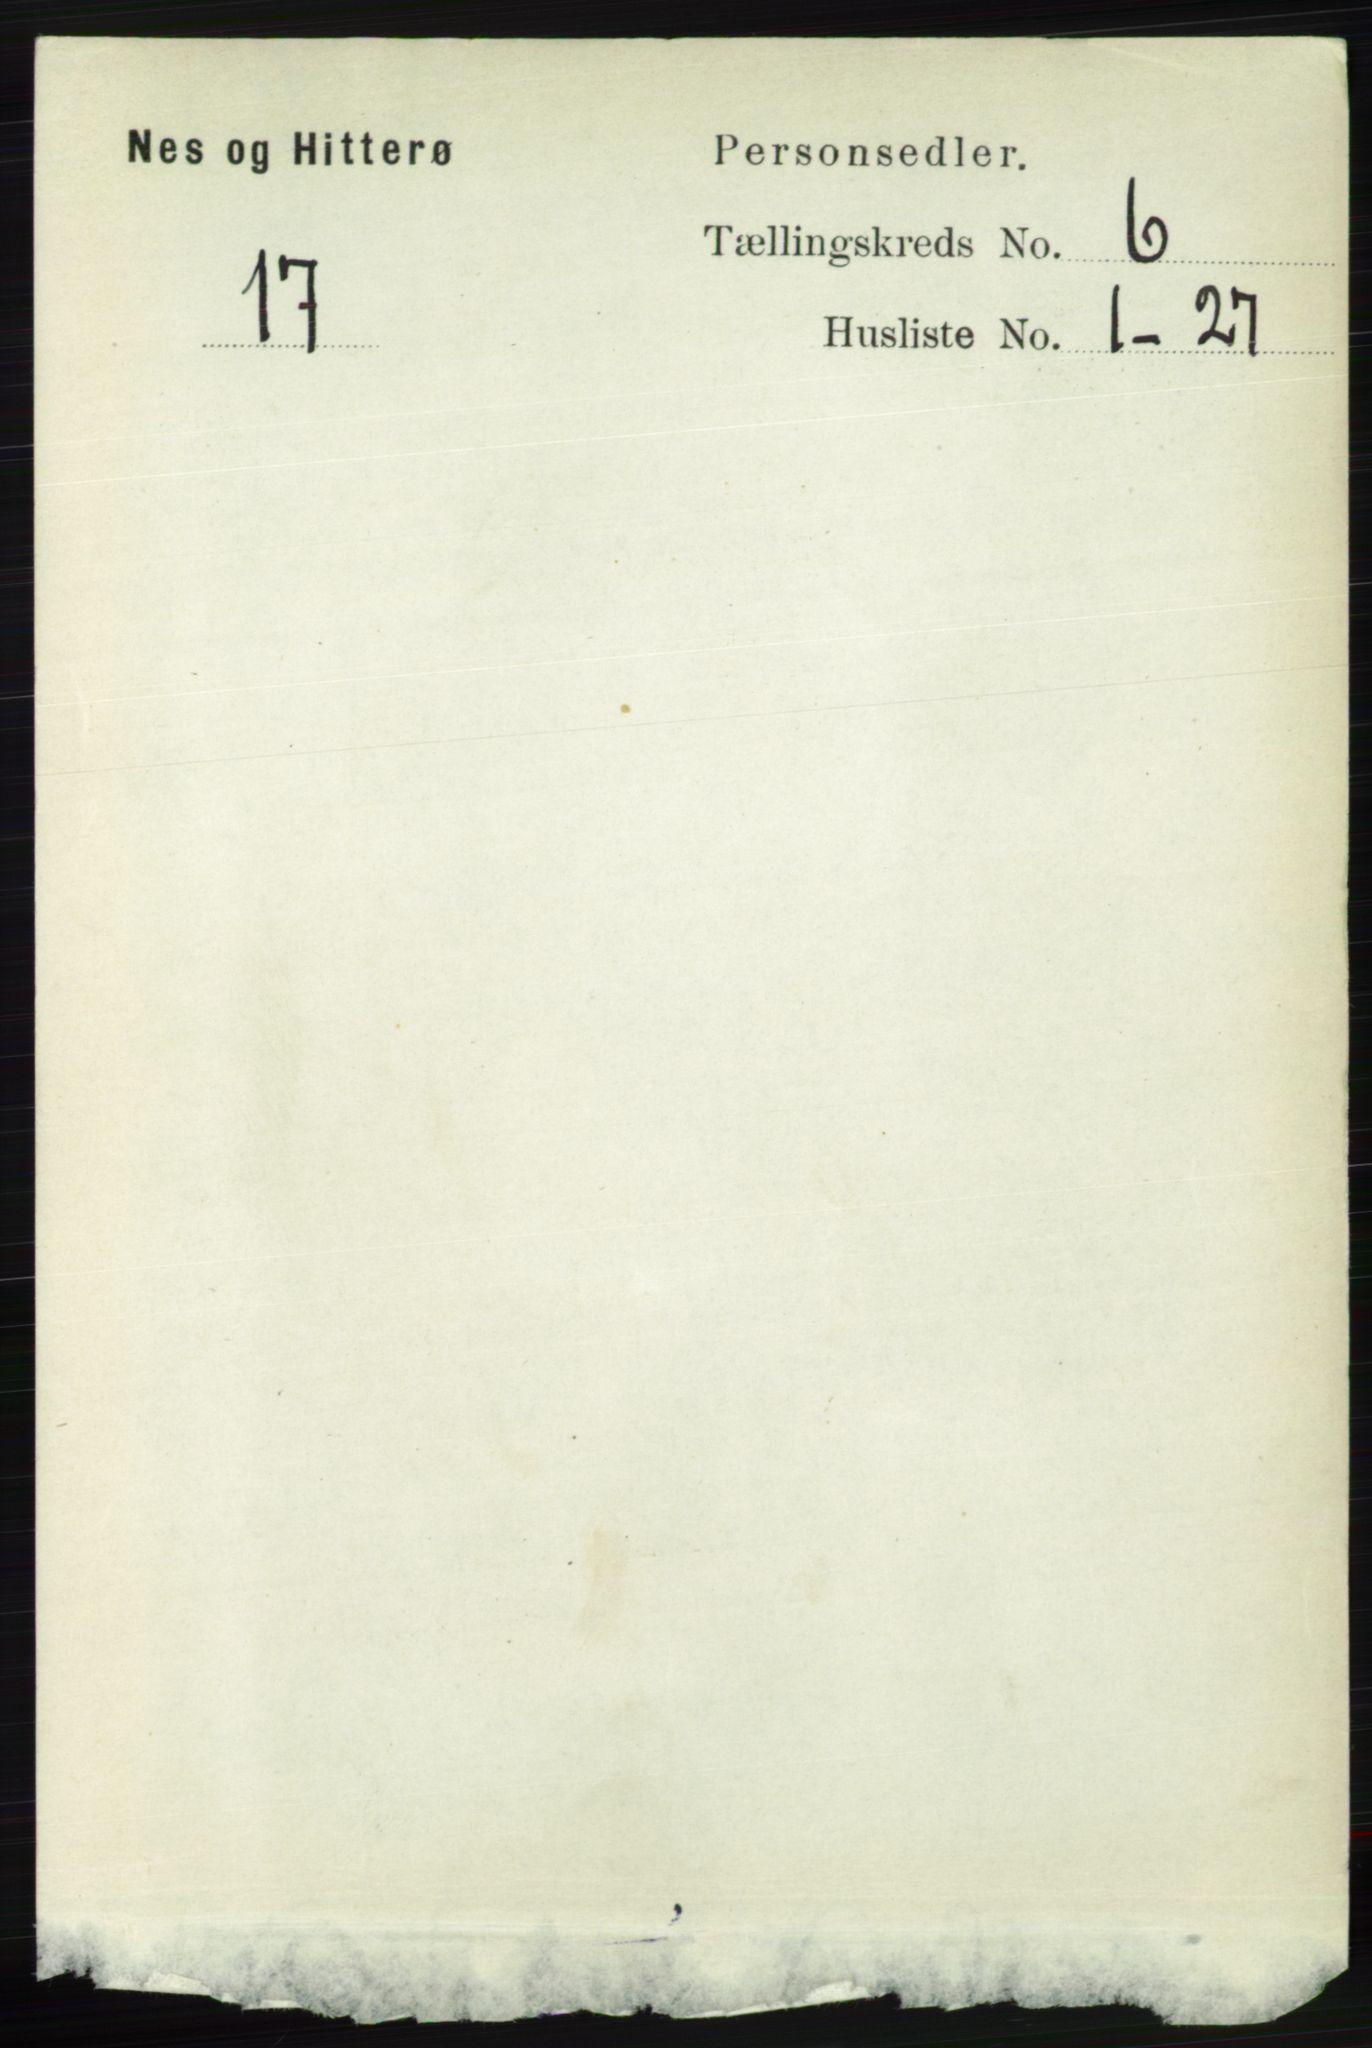 RA, Folketelling 1891 for 1043 Hidra og Nes herred, 1891, s. 2245